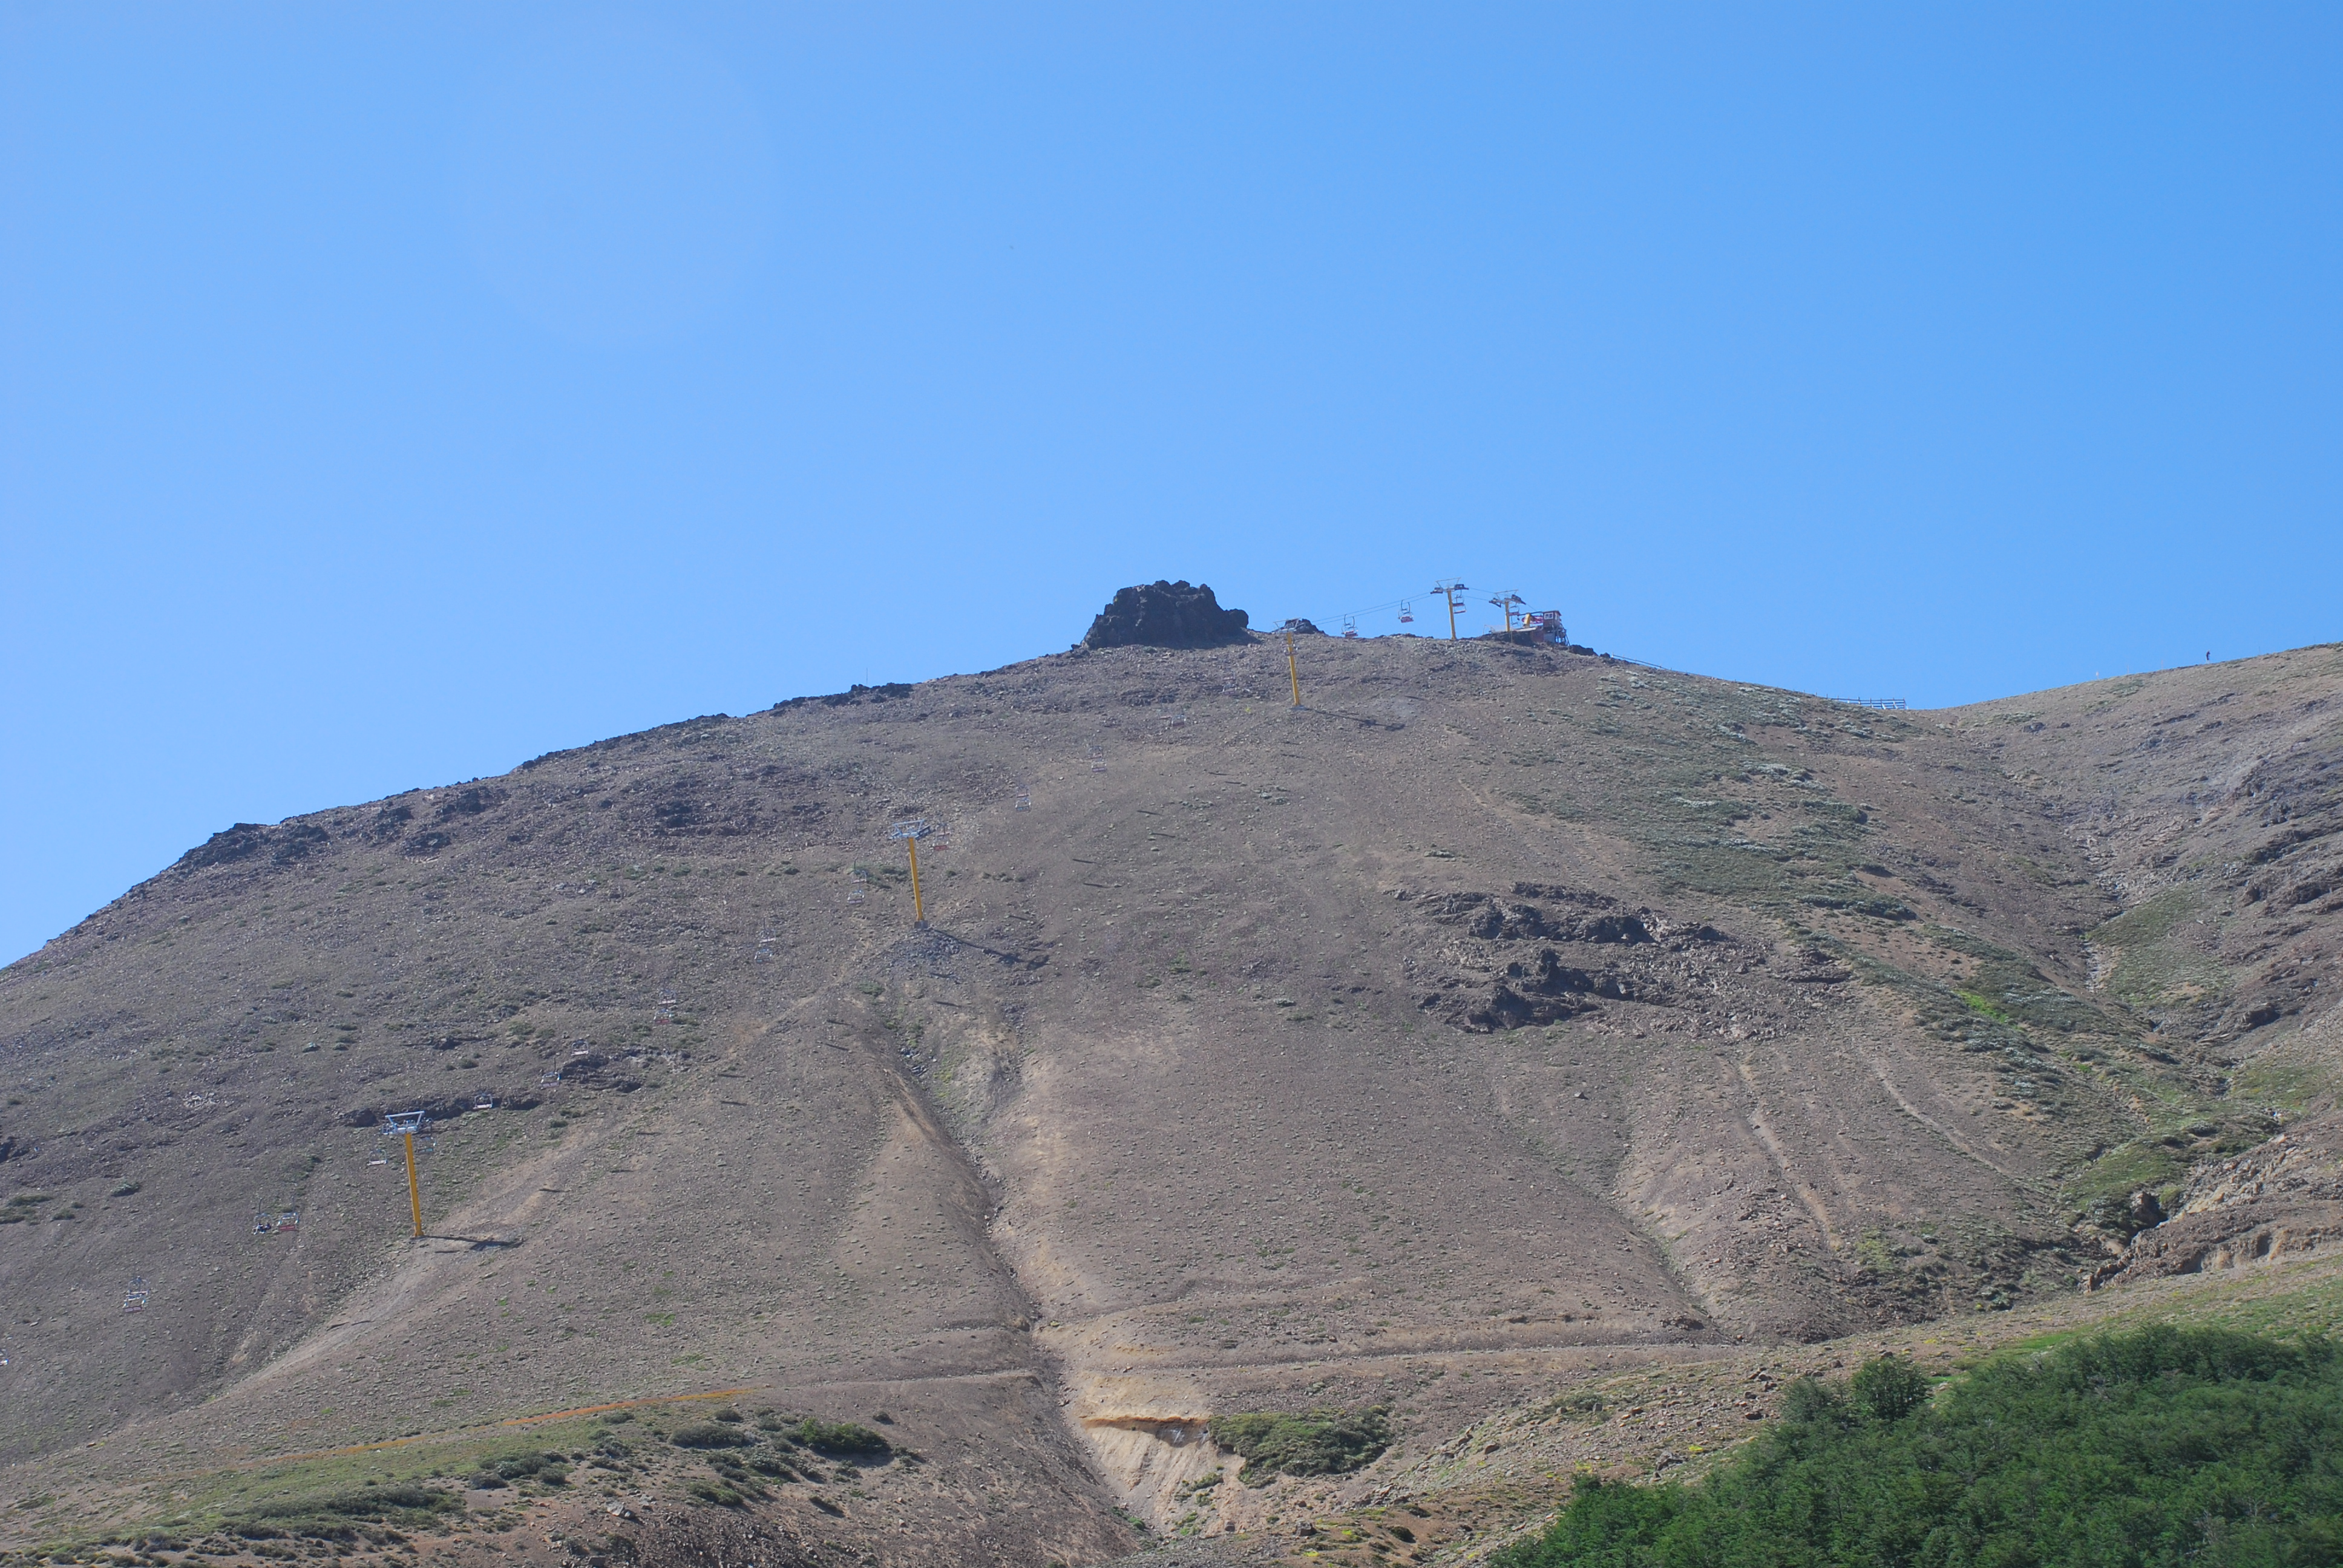 El Teta, Cerro Chapelco, San Martín de los Andes